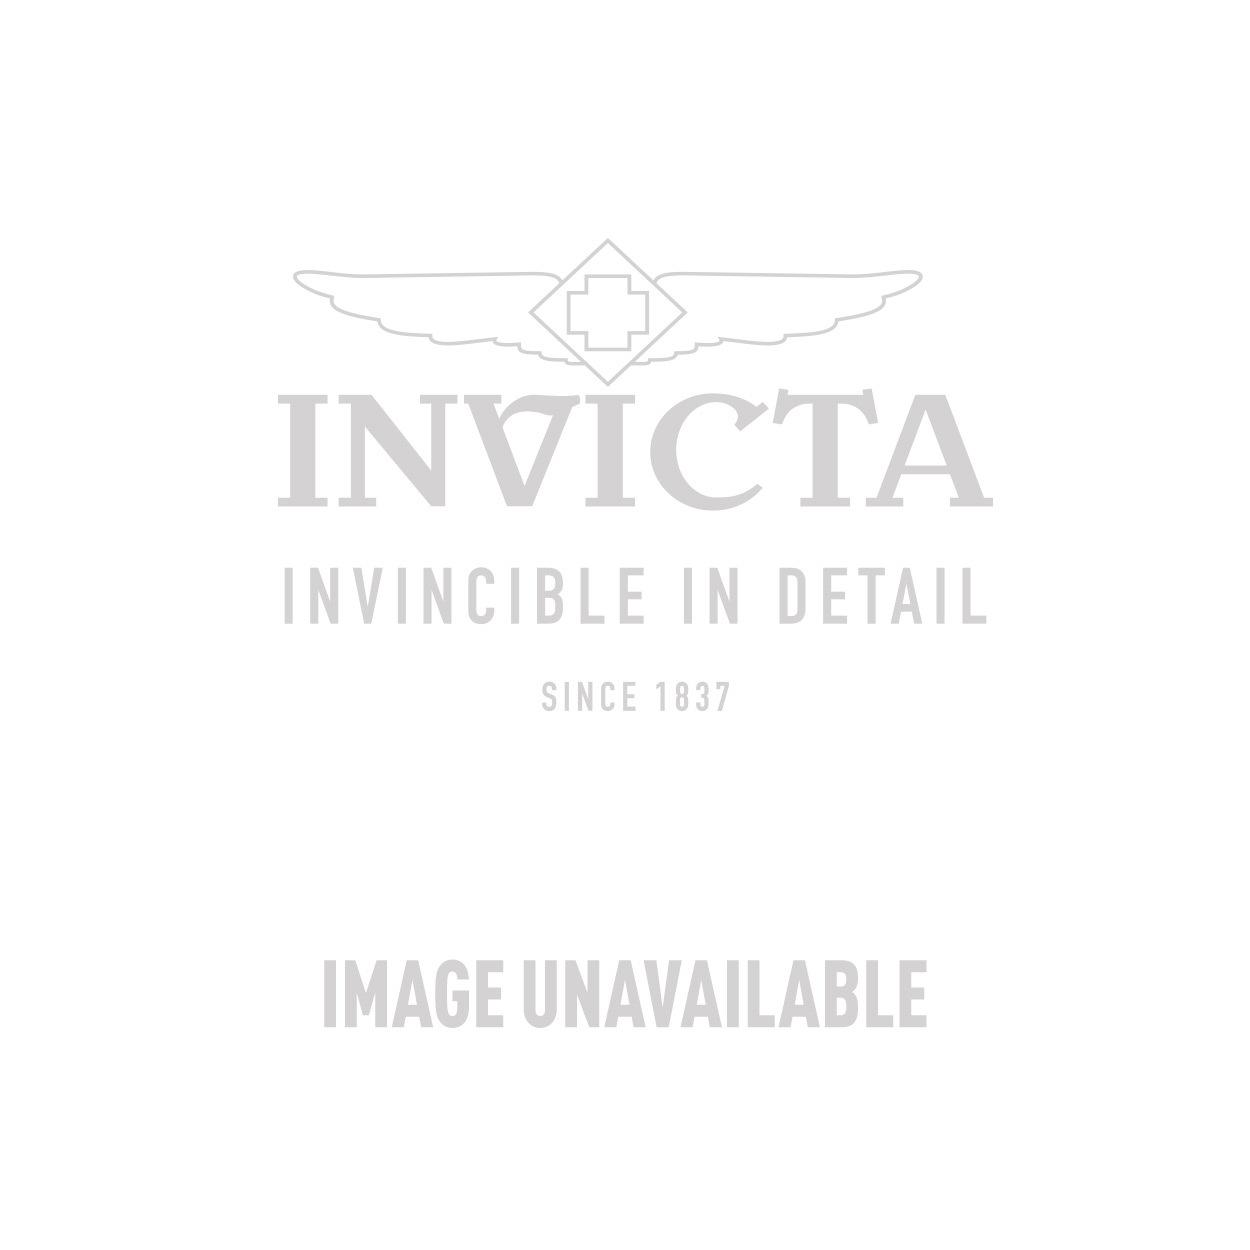 Invicta Model 27832